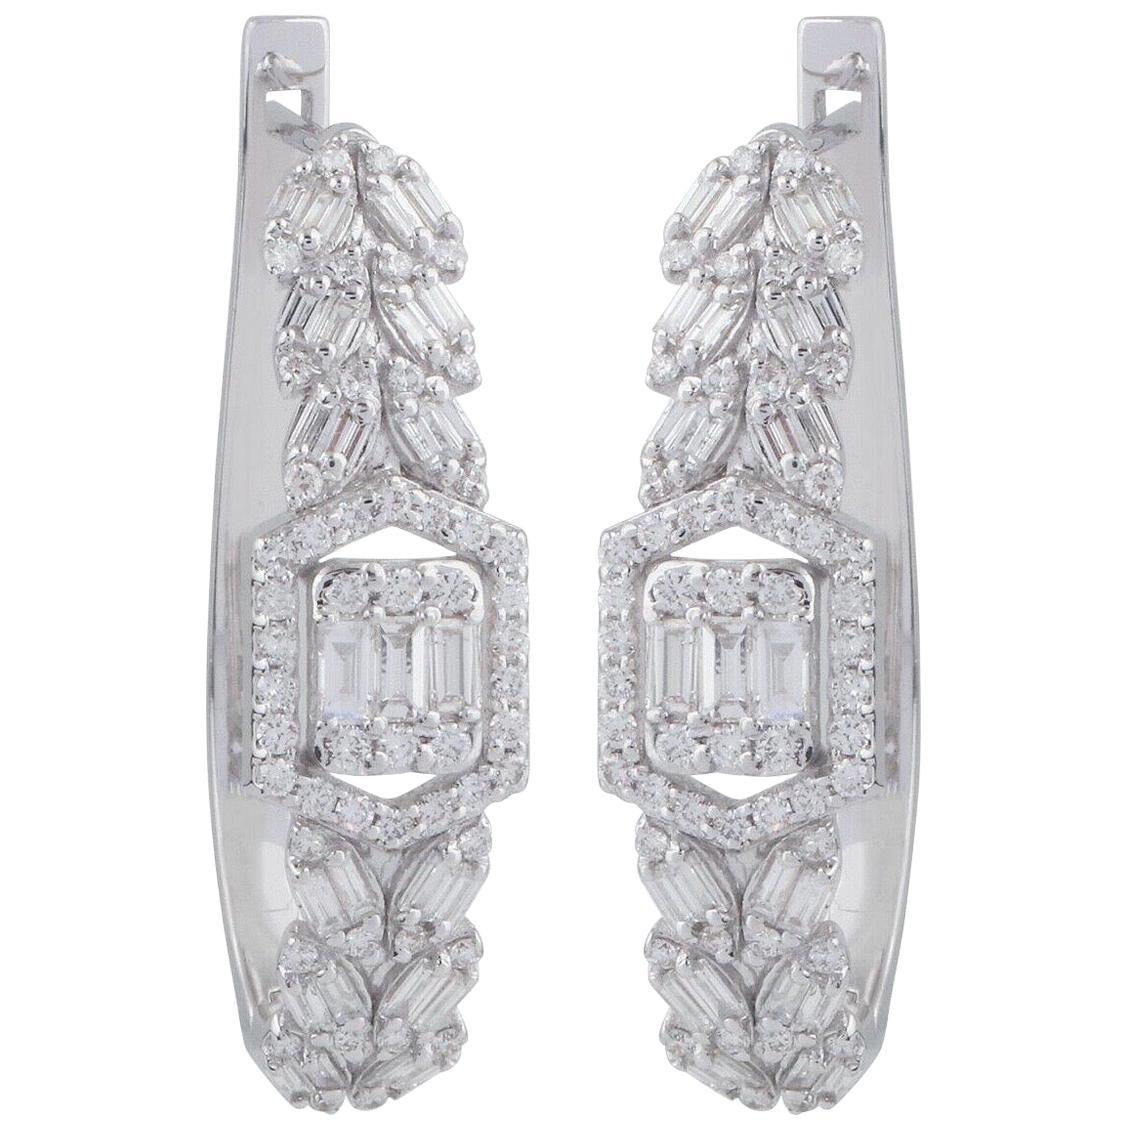 1.55 Carat Diamond 18 Karat White Gold Huggie Hoop Earrings